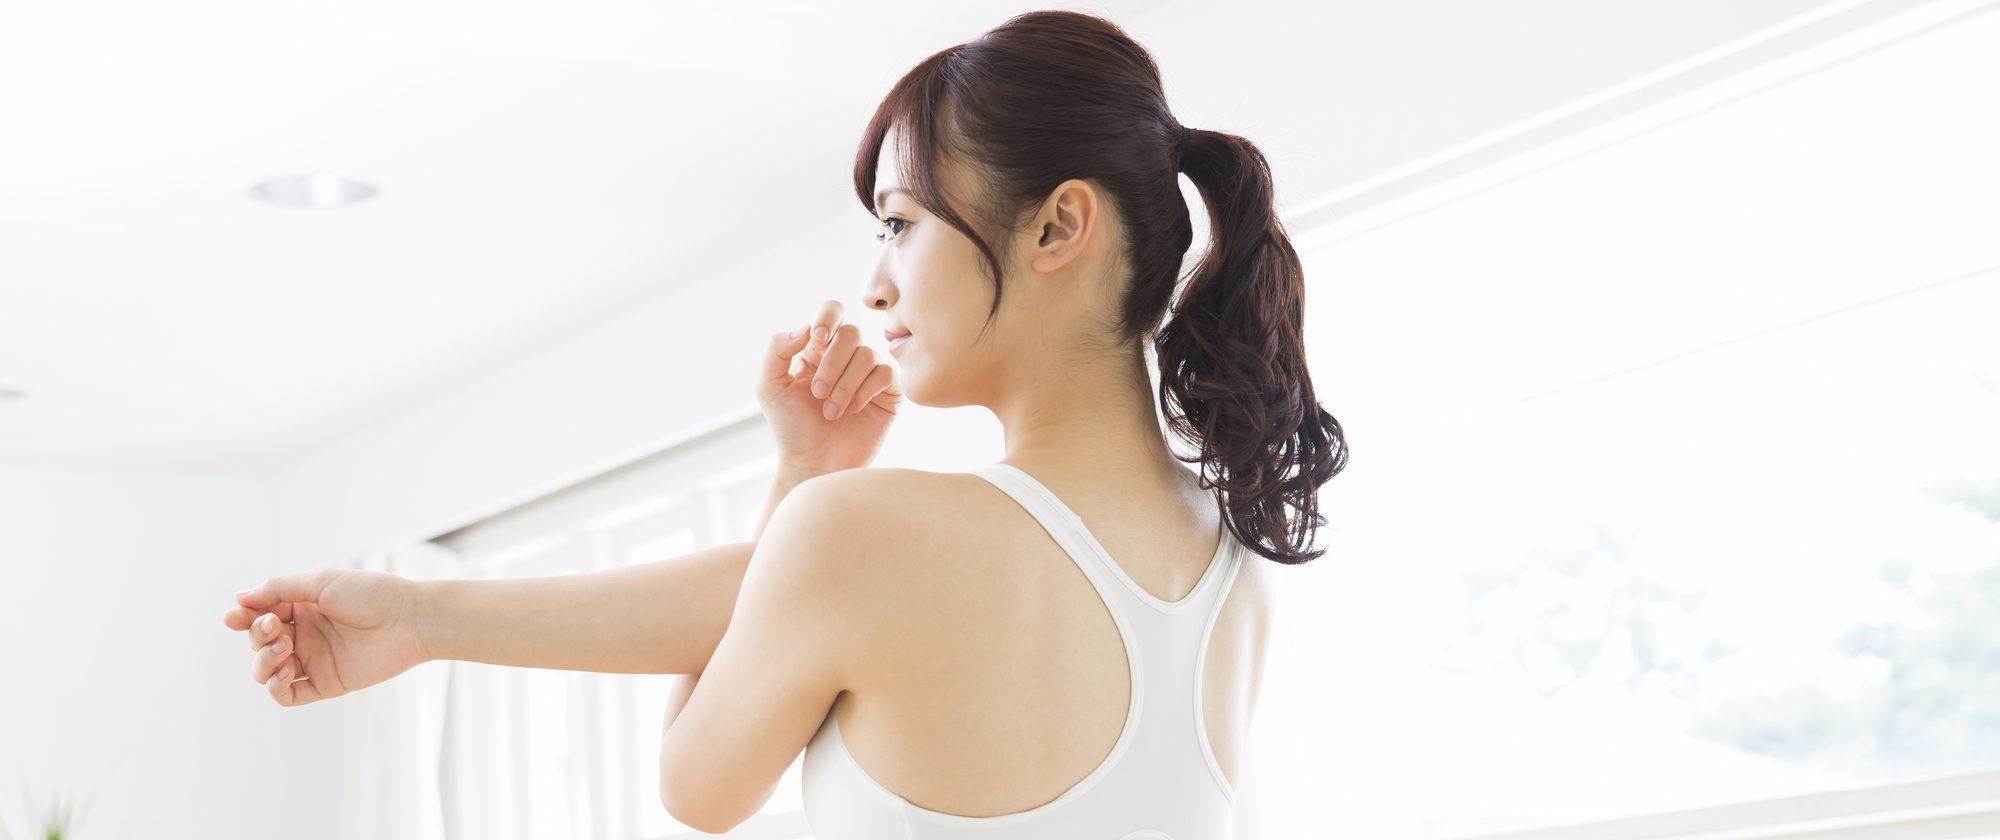 横浜市日吉で美容整体なら、ひよし鍼灸院センター接骨院へ